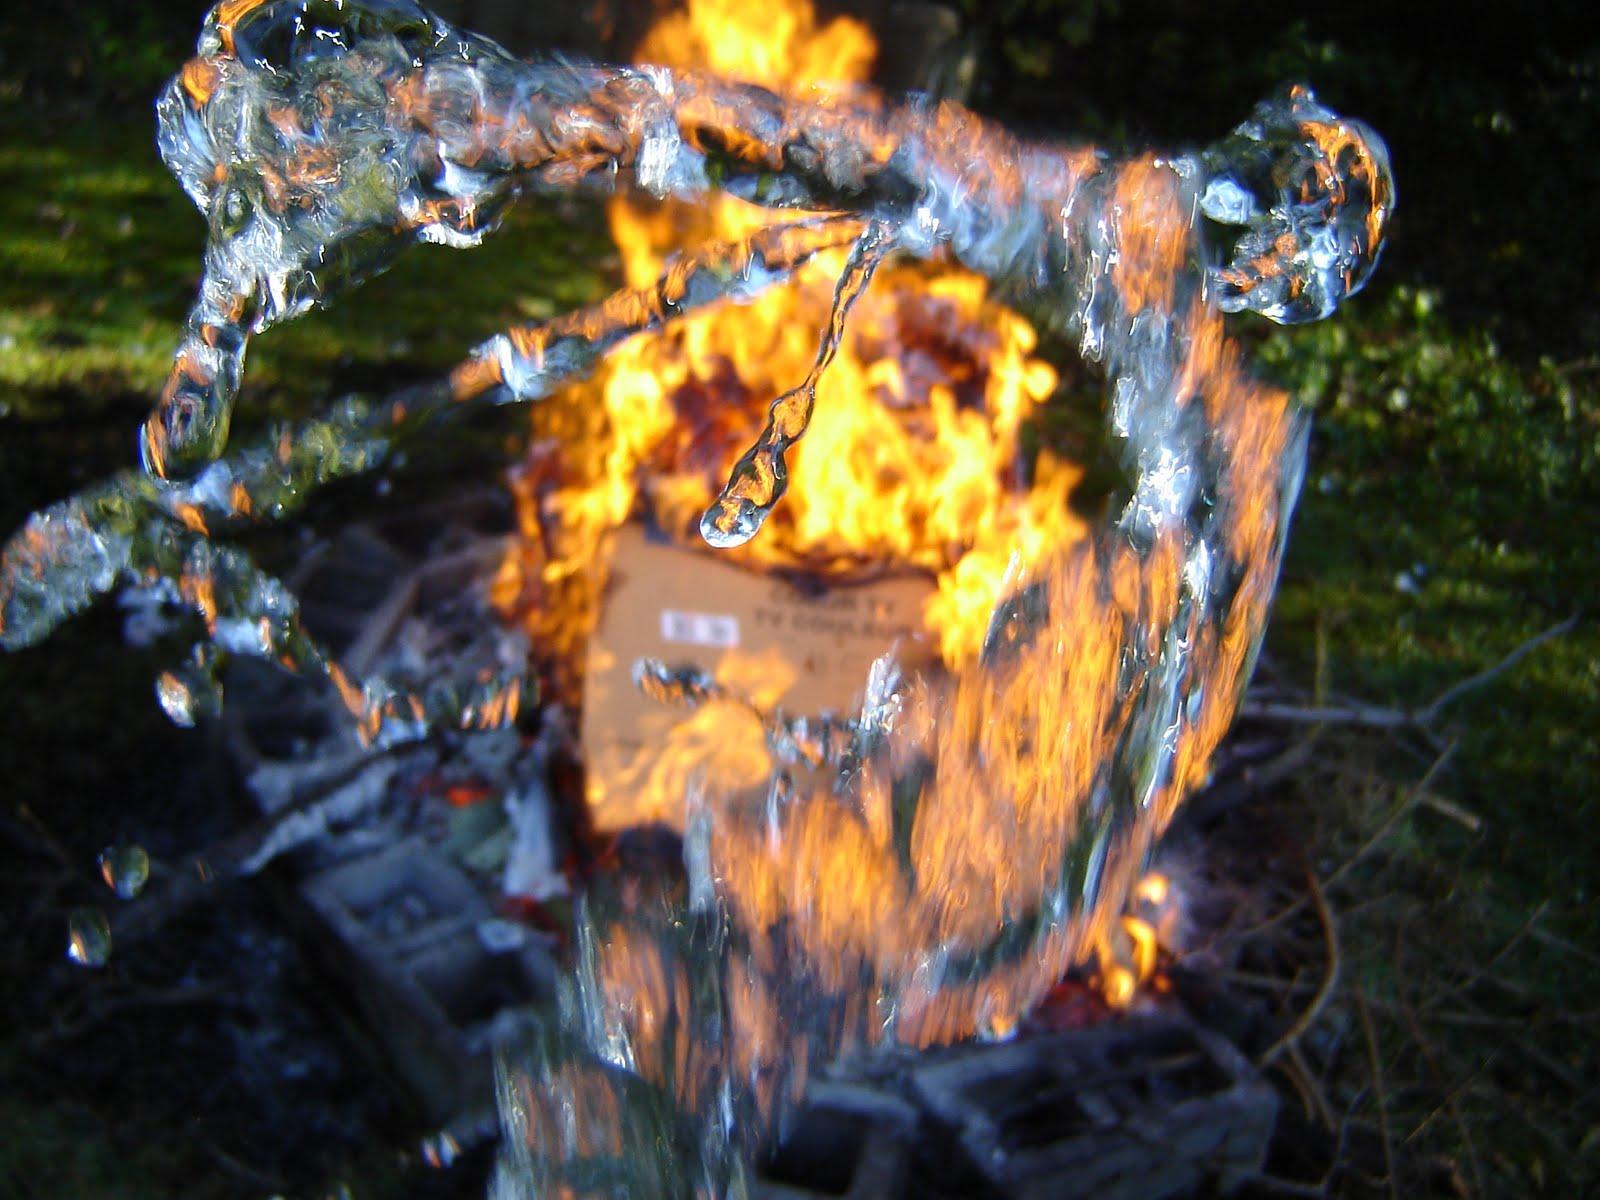 http://1.bp.blogspot.com/_x3gI_qIw9Fg/S8FD2_tiY4I/AAAAAAAAACY/pkjFq68z2cU/s1600/my+backyard+fire+water+(8).JPG